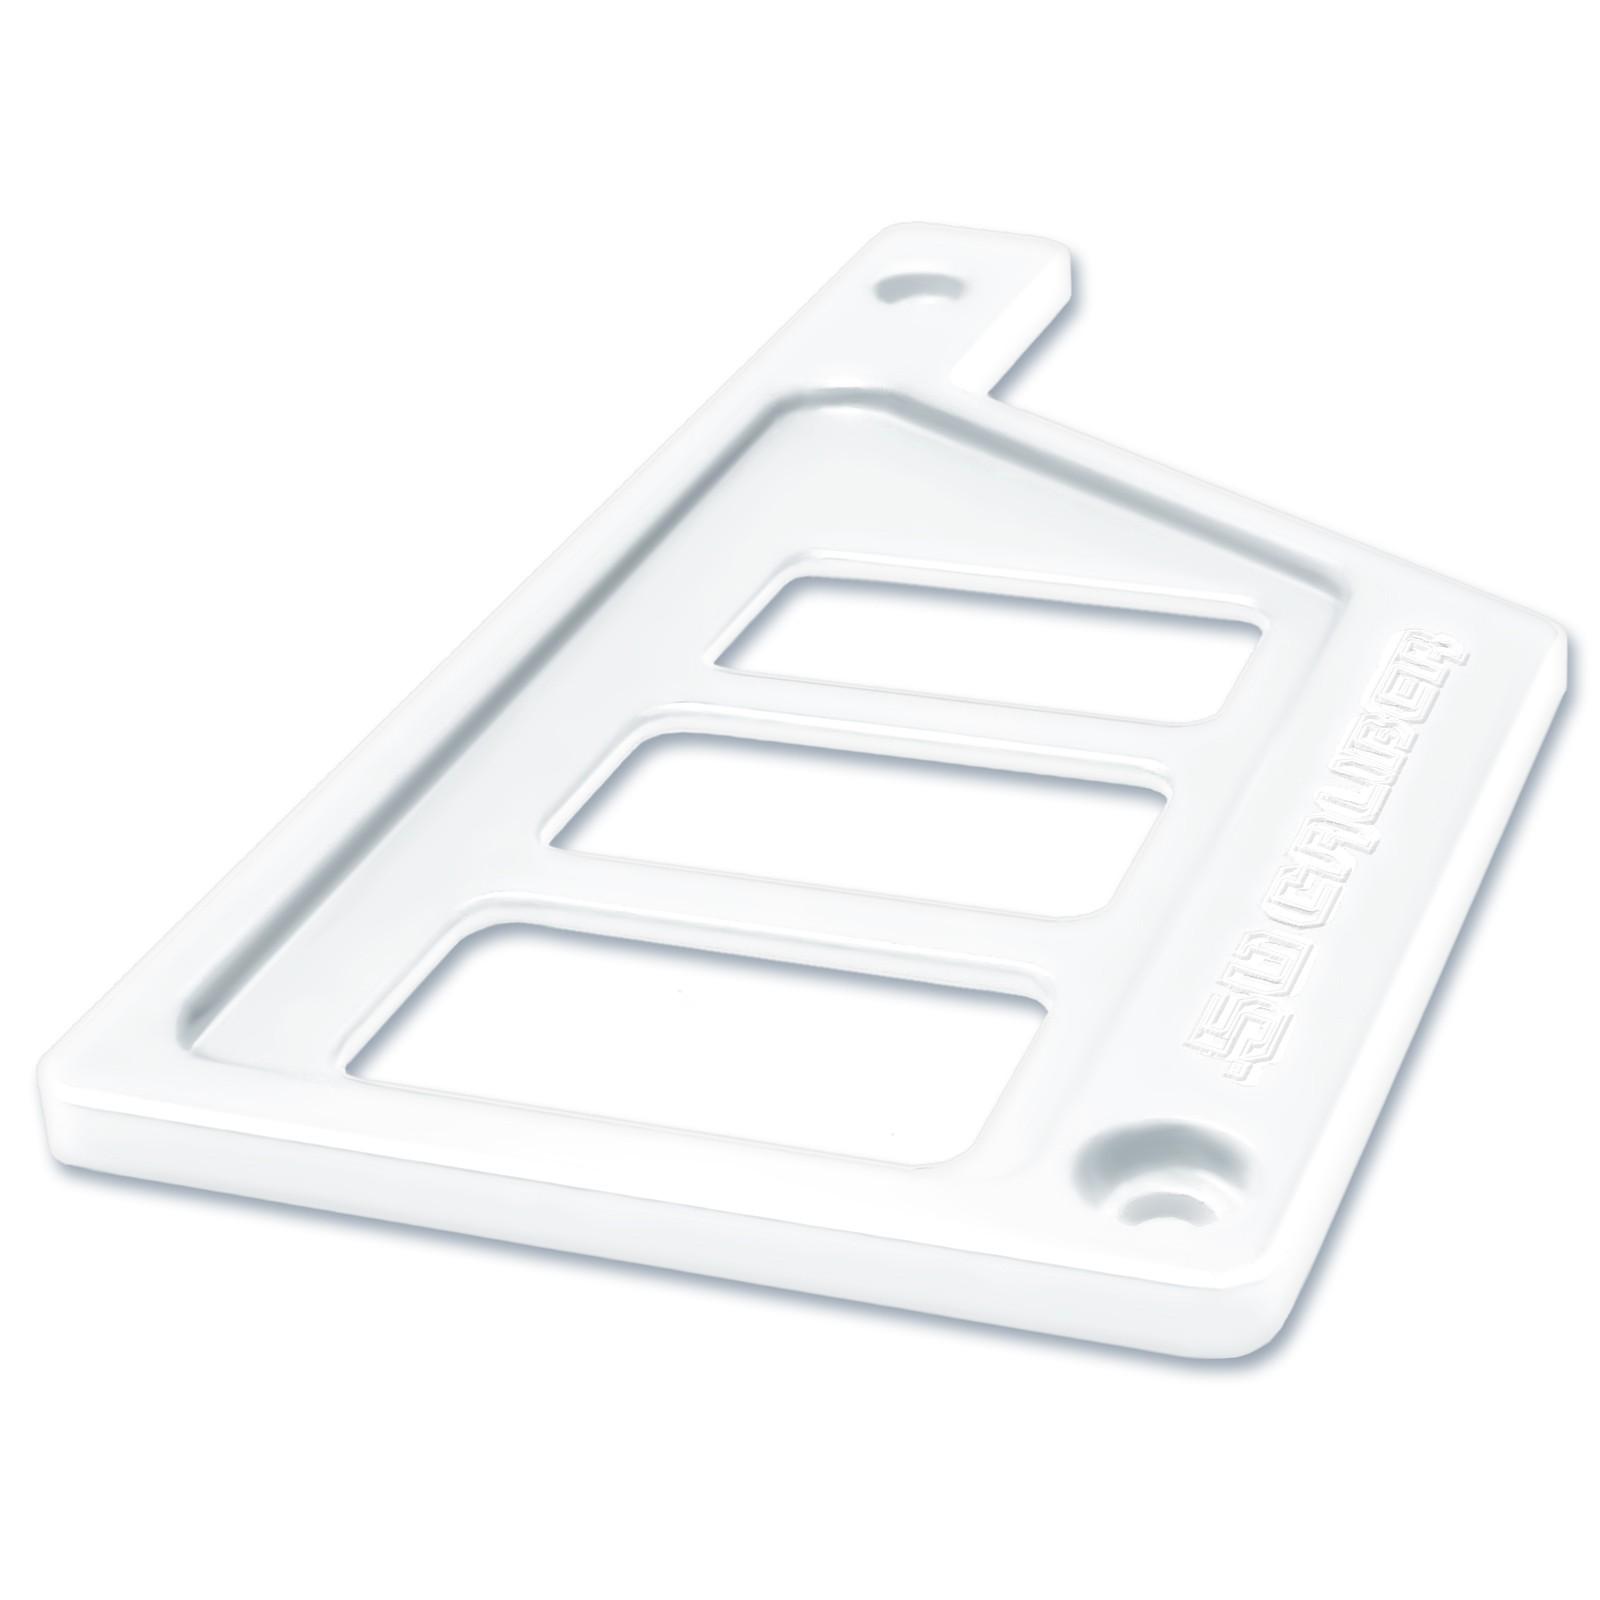 Polaris Xp Cnc Lime Squeeze Billet Aluminum Dash Panel